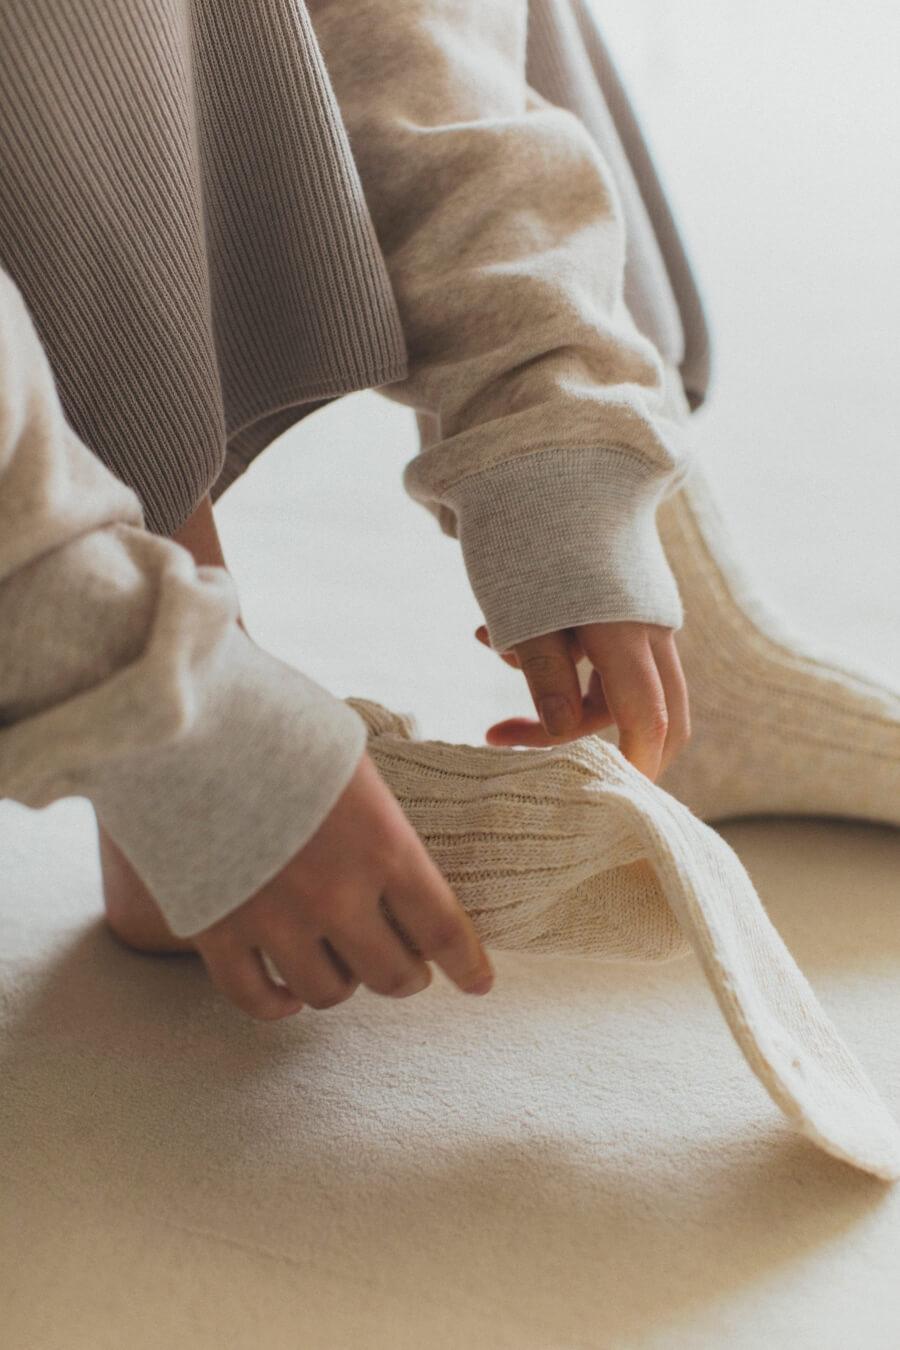 当たりつきギフト専用靴下のLUCKY SOCKS(ラッキーソックス)のMix Rib Socks(ミックスリブソックス)のオフホワイト_image2